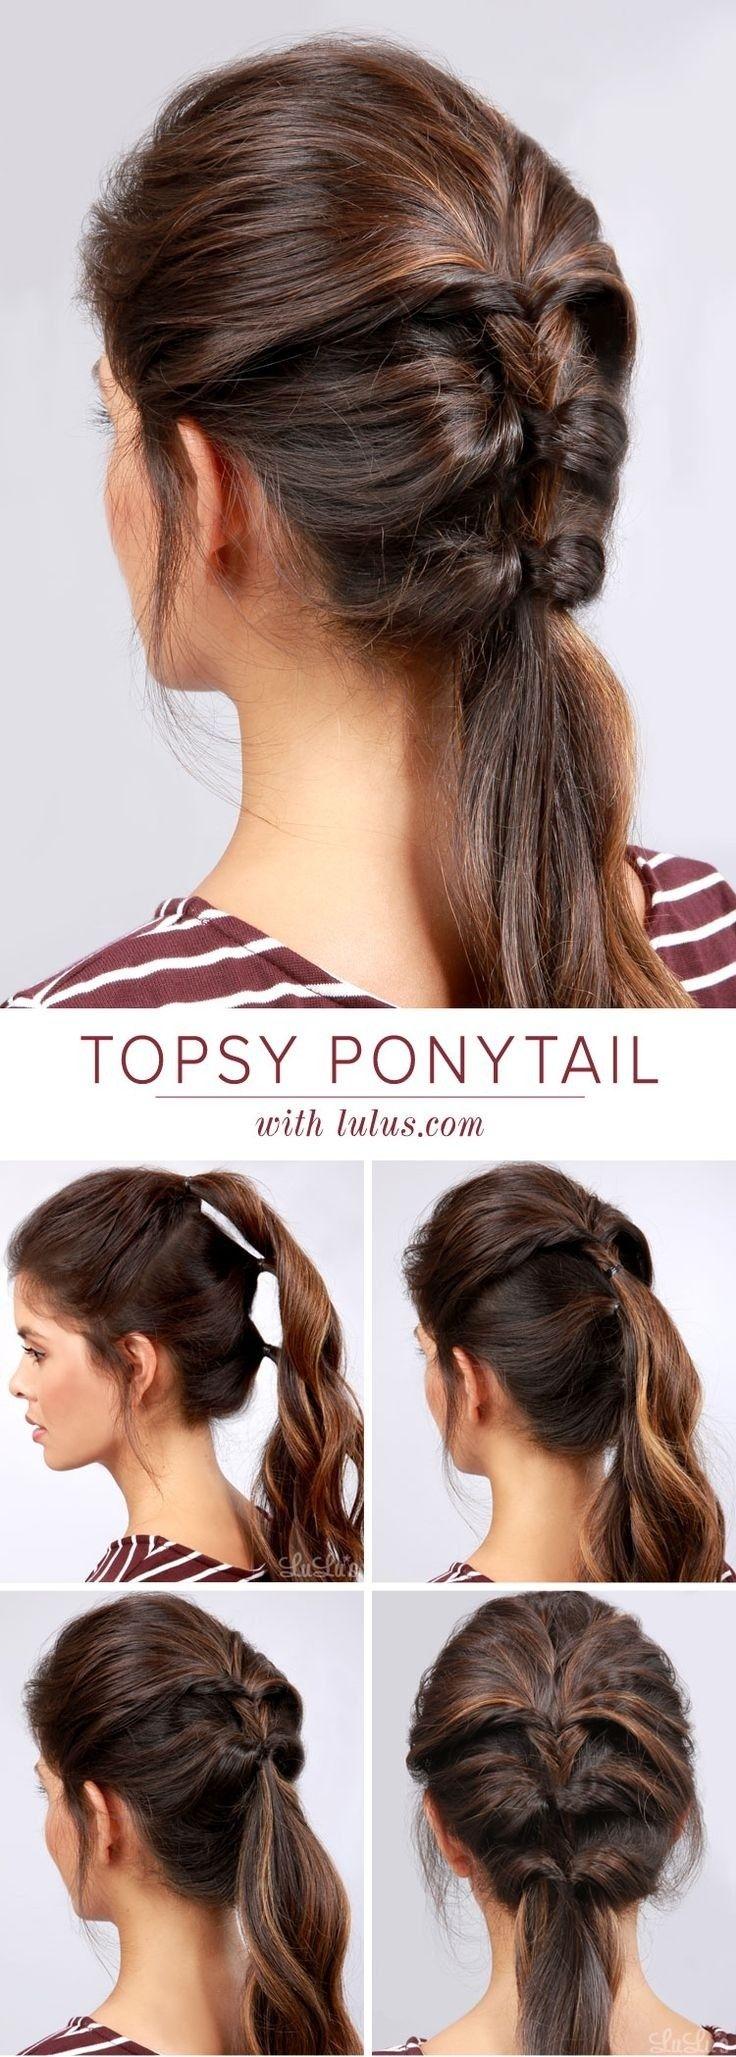 22 große Pferdeschwanz Frisuren für Mädchen